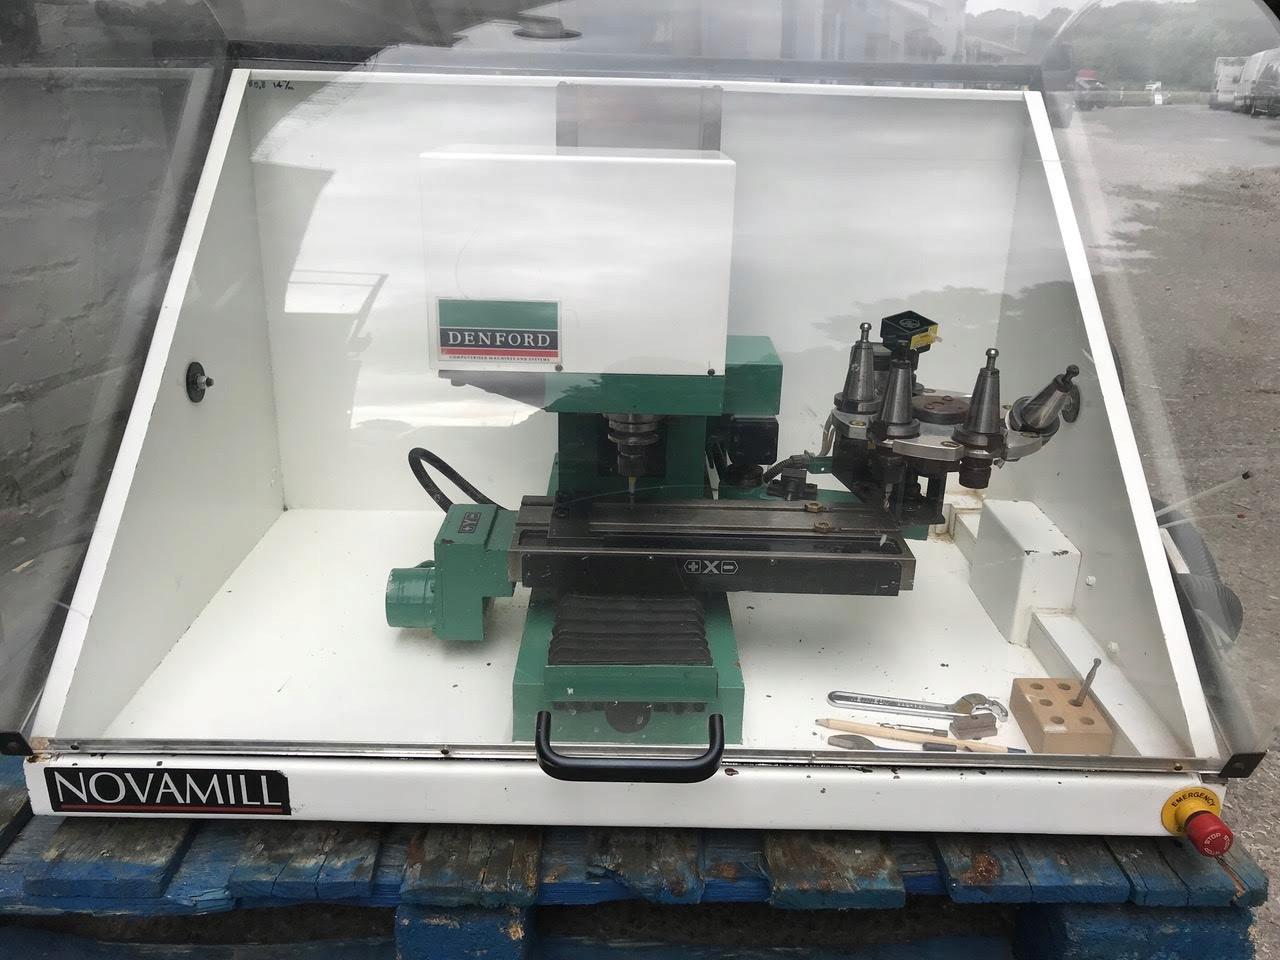 Modne ubrania Mała Frezarka CNC z zasobnikiem narzędzi - 7425679439 - oficjalne MP86